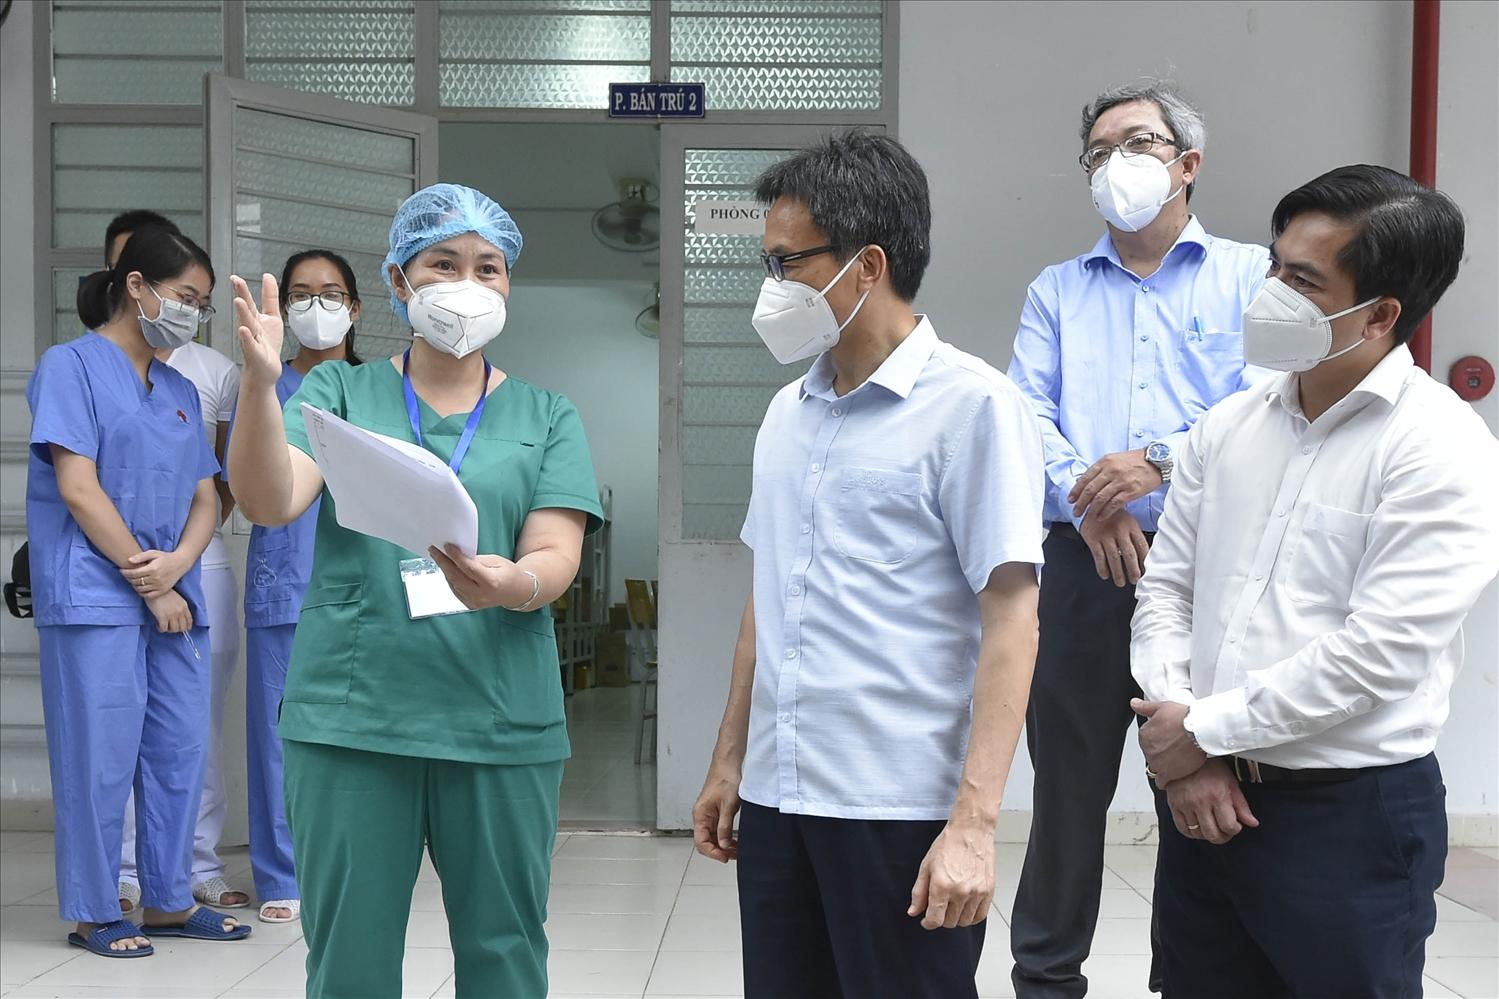 Phó Thủ tướng Vũ Đức Đam mong muốn các y, bác sĩ tại khu cách ly Phước Kiển tiếp tục nỗ lực, cố gắng phấn đấu để tỷ lệ F0 phải chuyển tuyến dưới 2%. Ảnh: VGP/Đình Nam